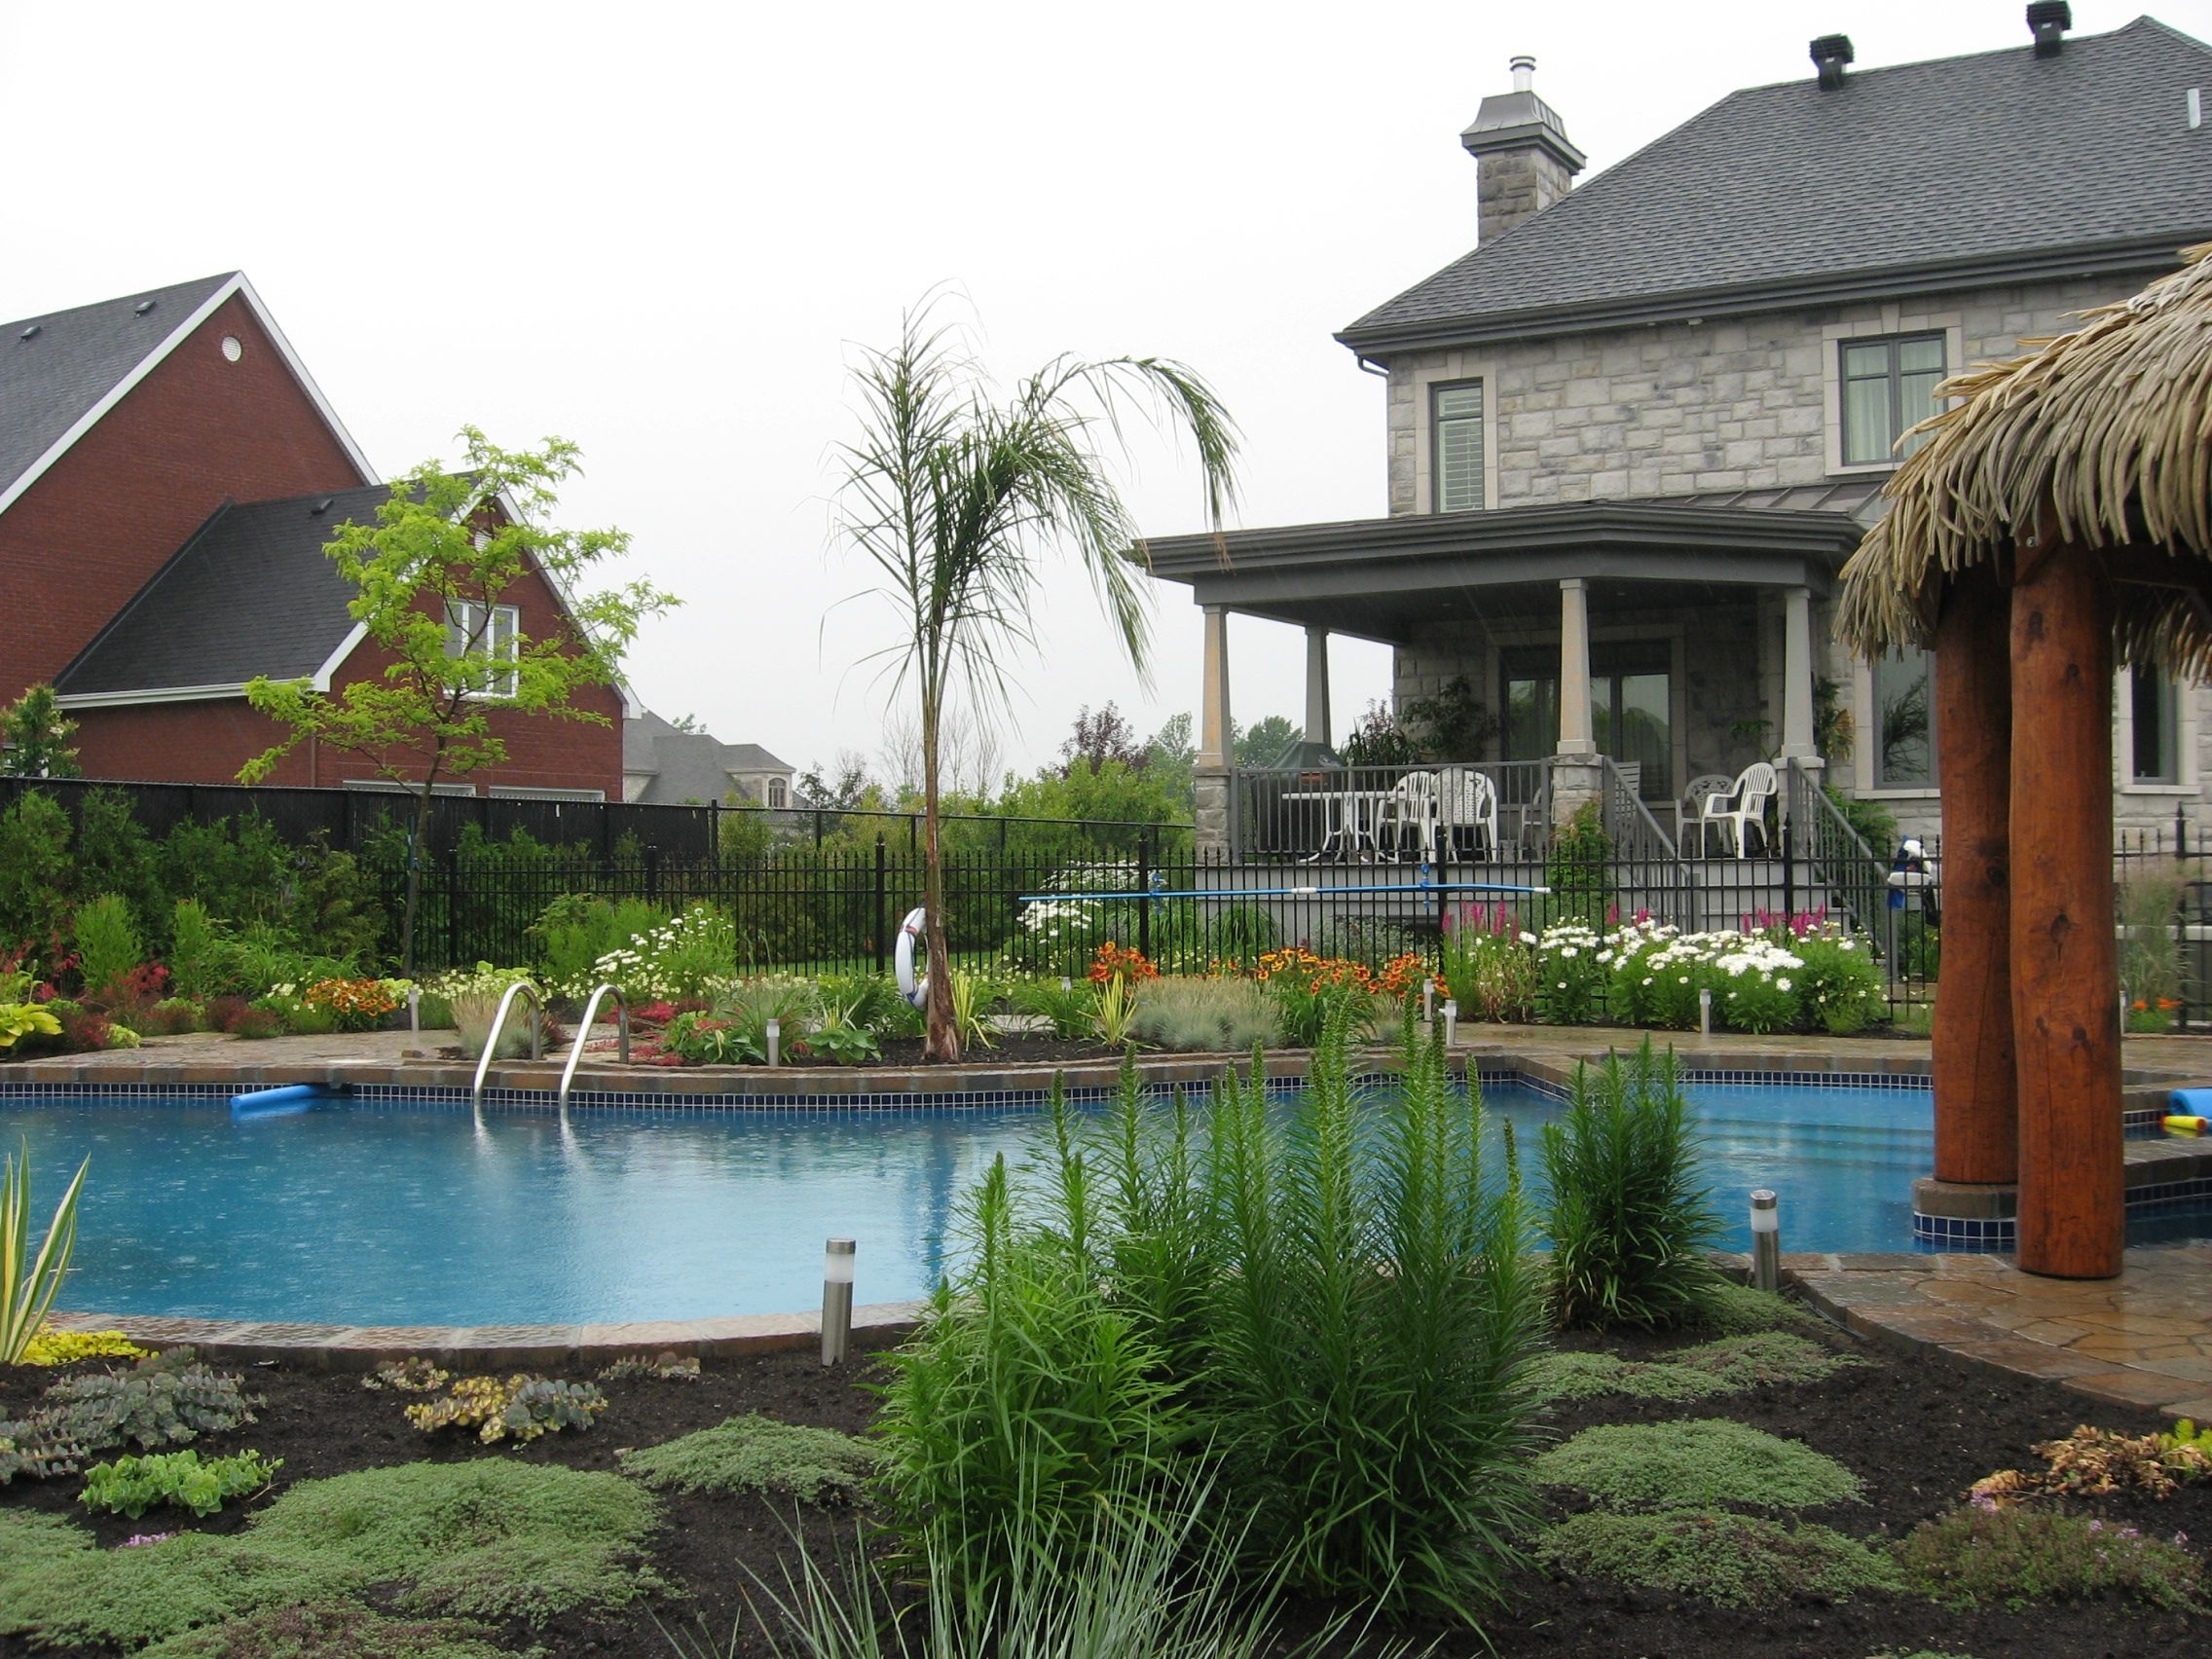 am nagement paysager piscine creus e grands espaces de. Black Bedroom Furniture Sets. Home Design Ideas